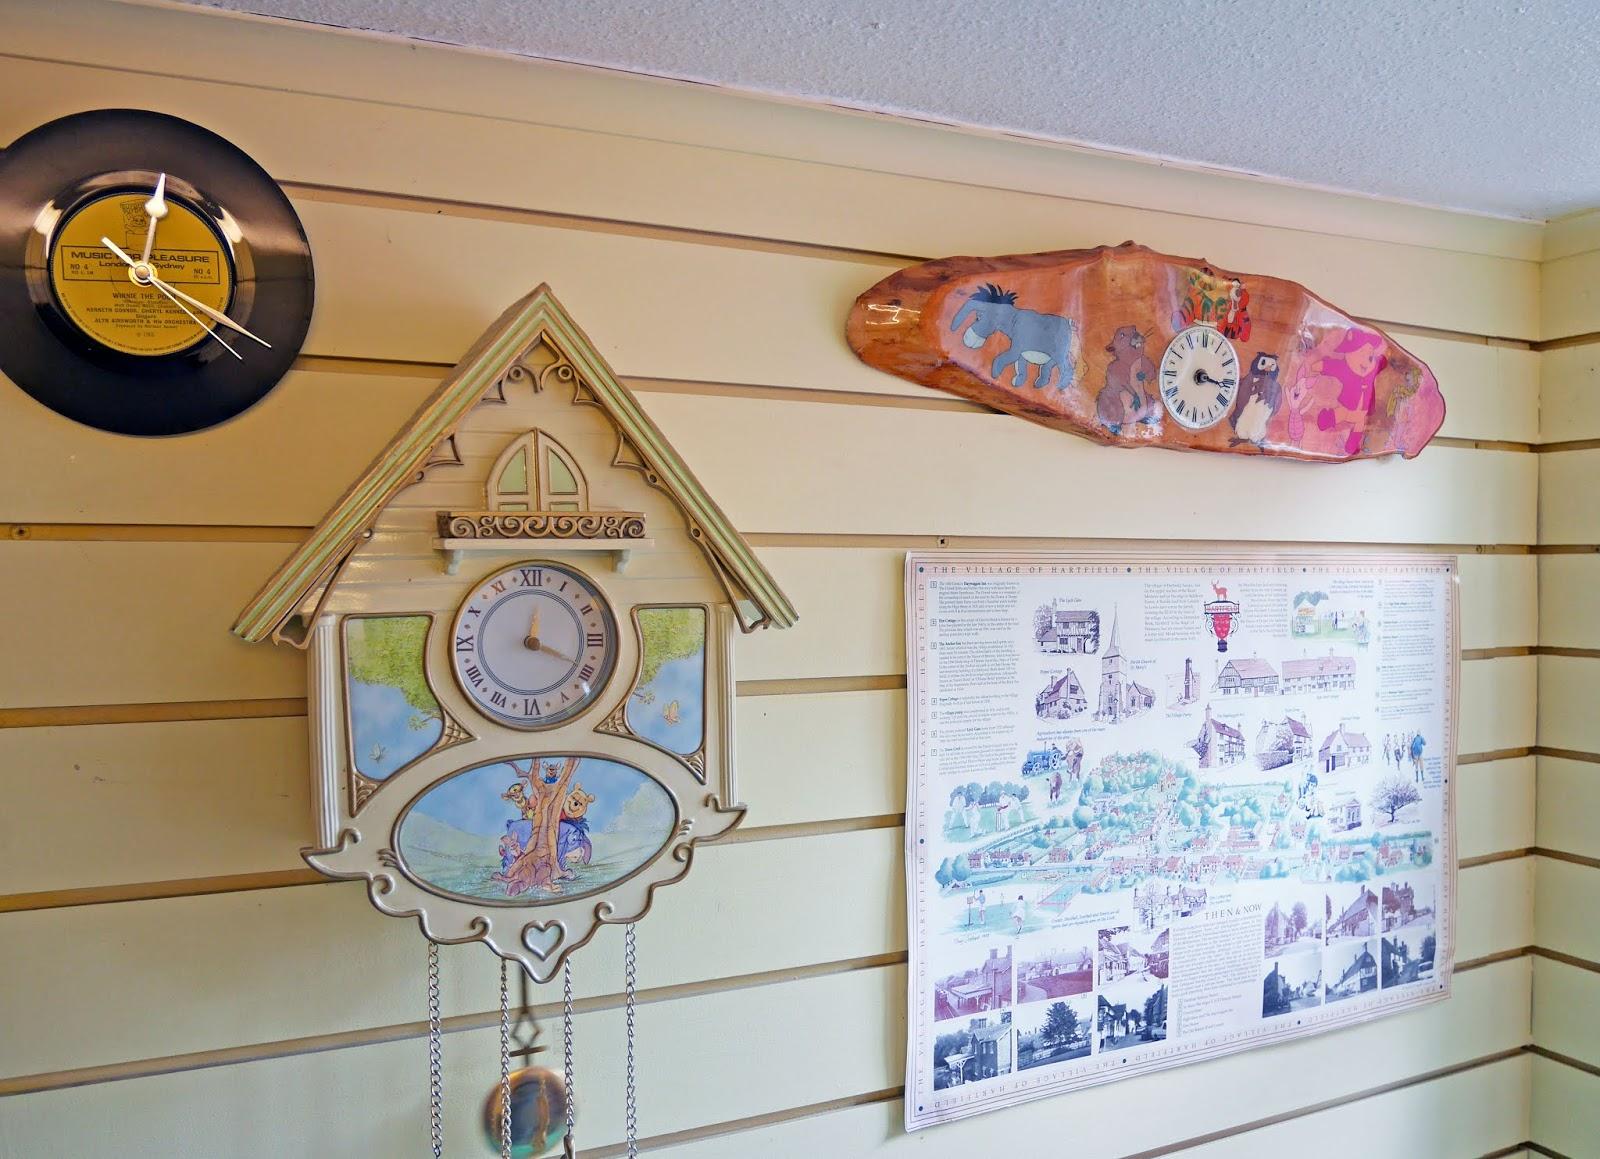 Winnie the Pooh clocks at Piglet's Tearoom, Ashdown Forest